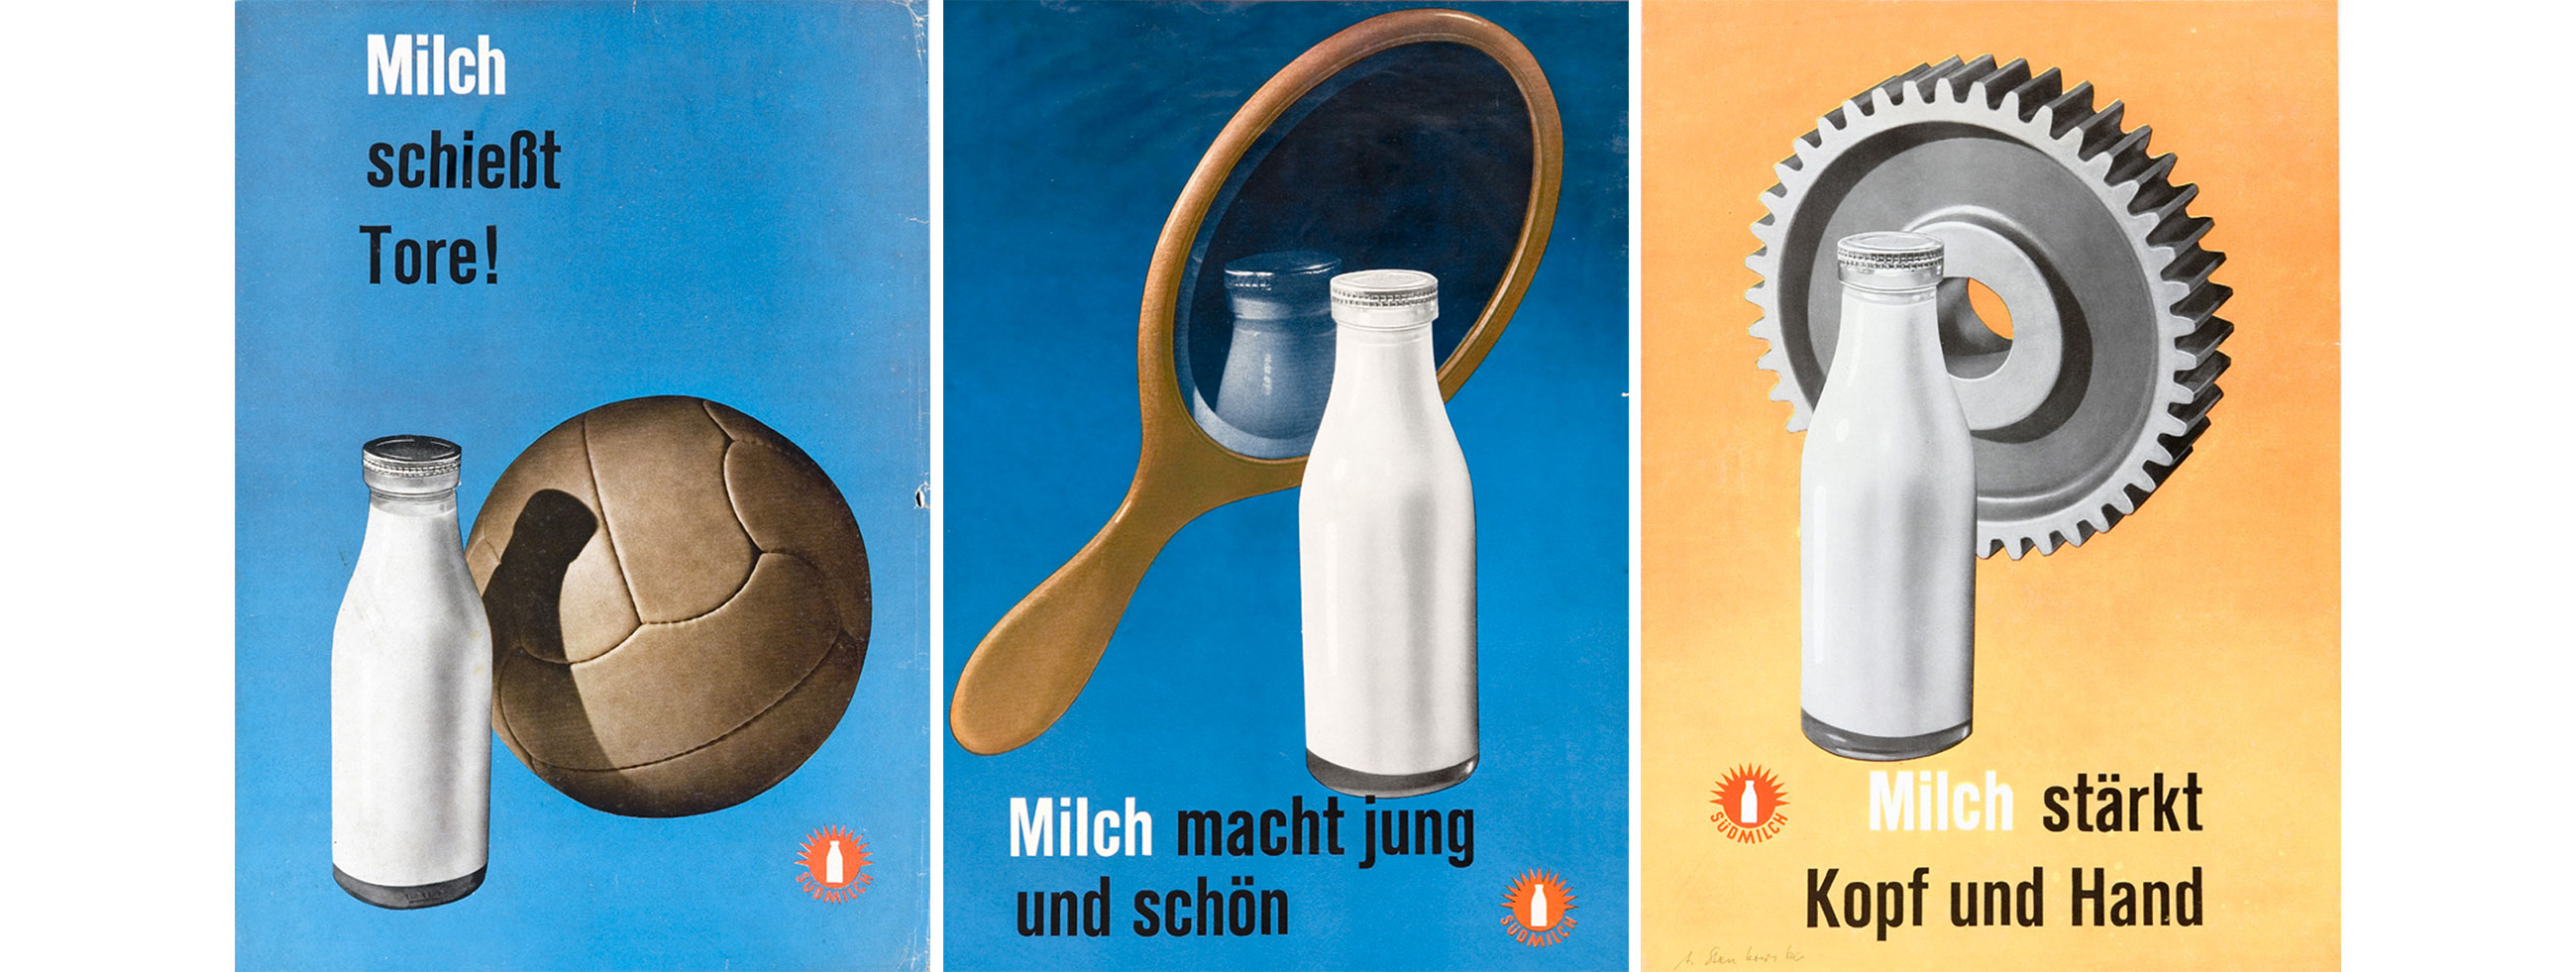 Anton-Stankowski-affiches-lait-milch-milk